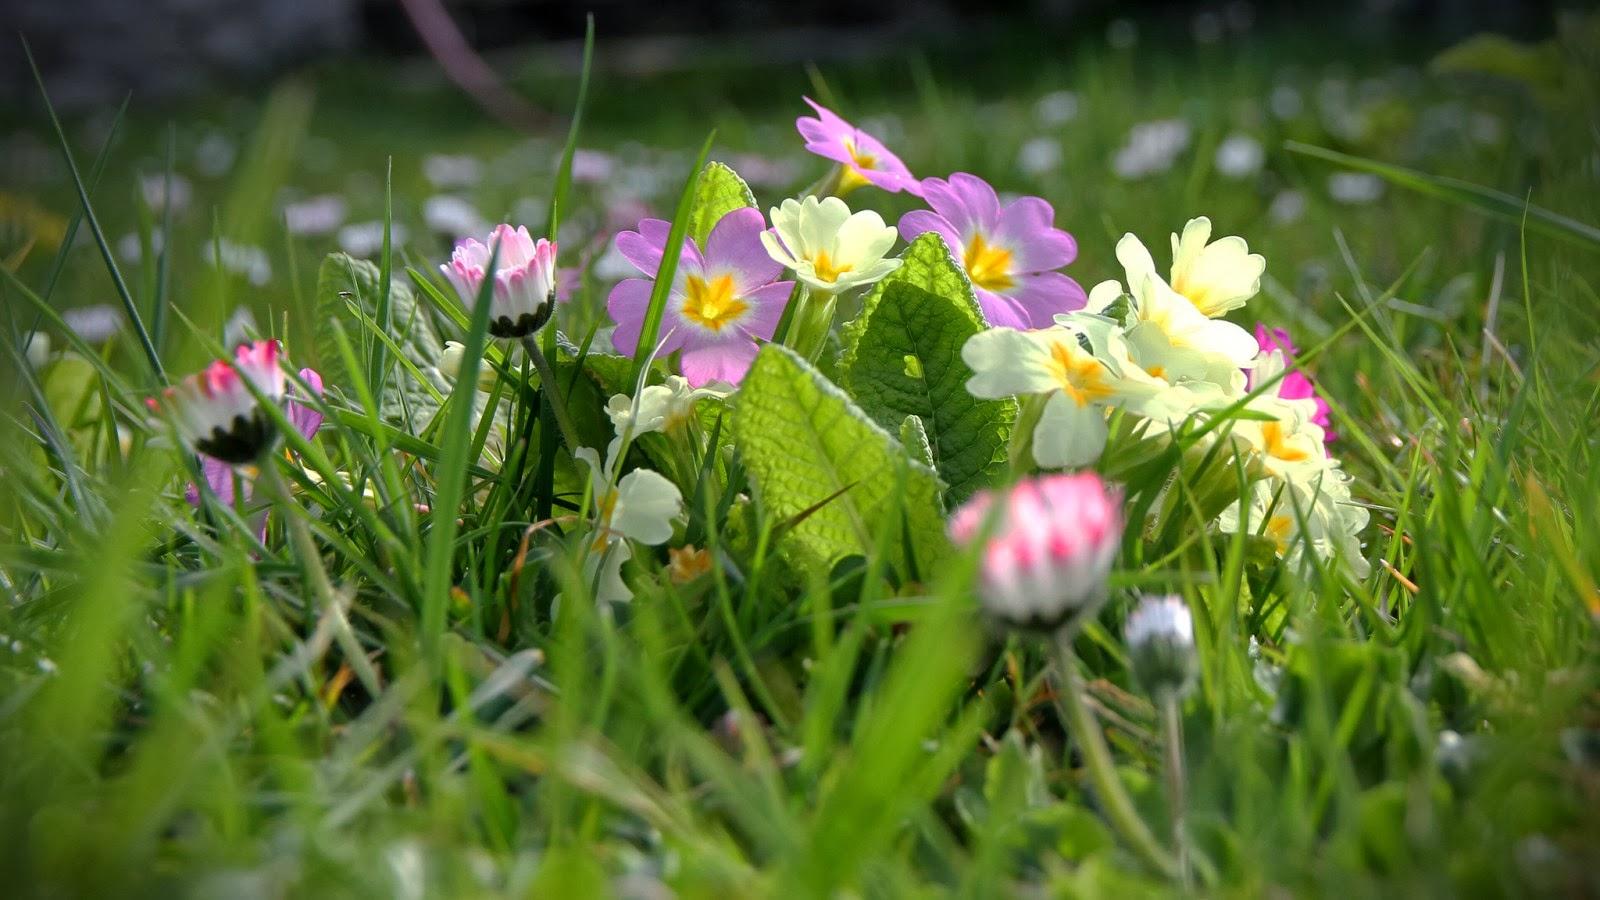 بالصور خلفيات الربيع بجودة عالية 20160714 418